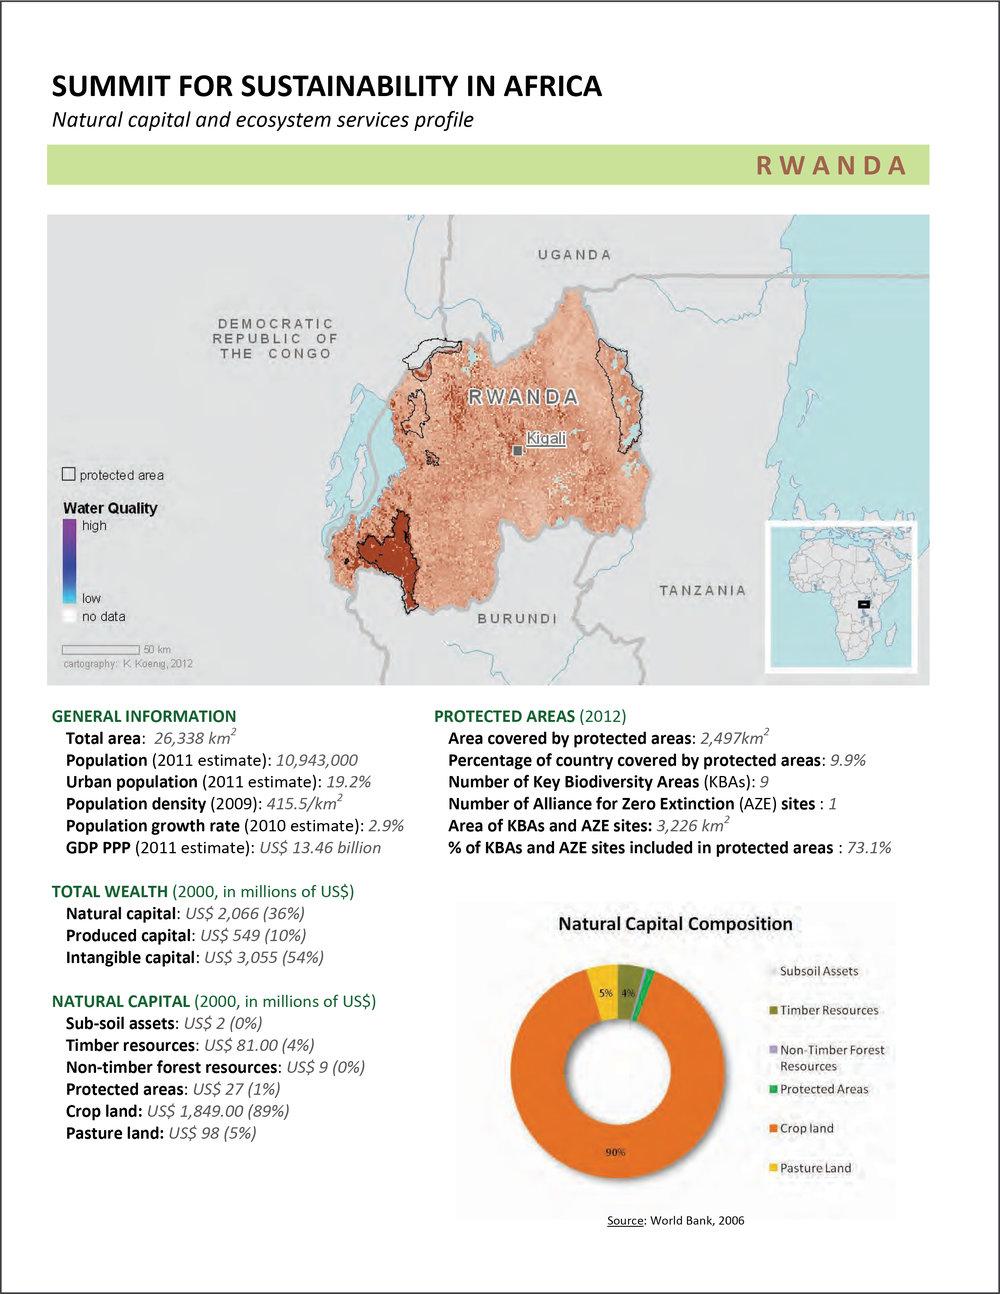 Rwanda image.jpg